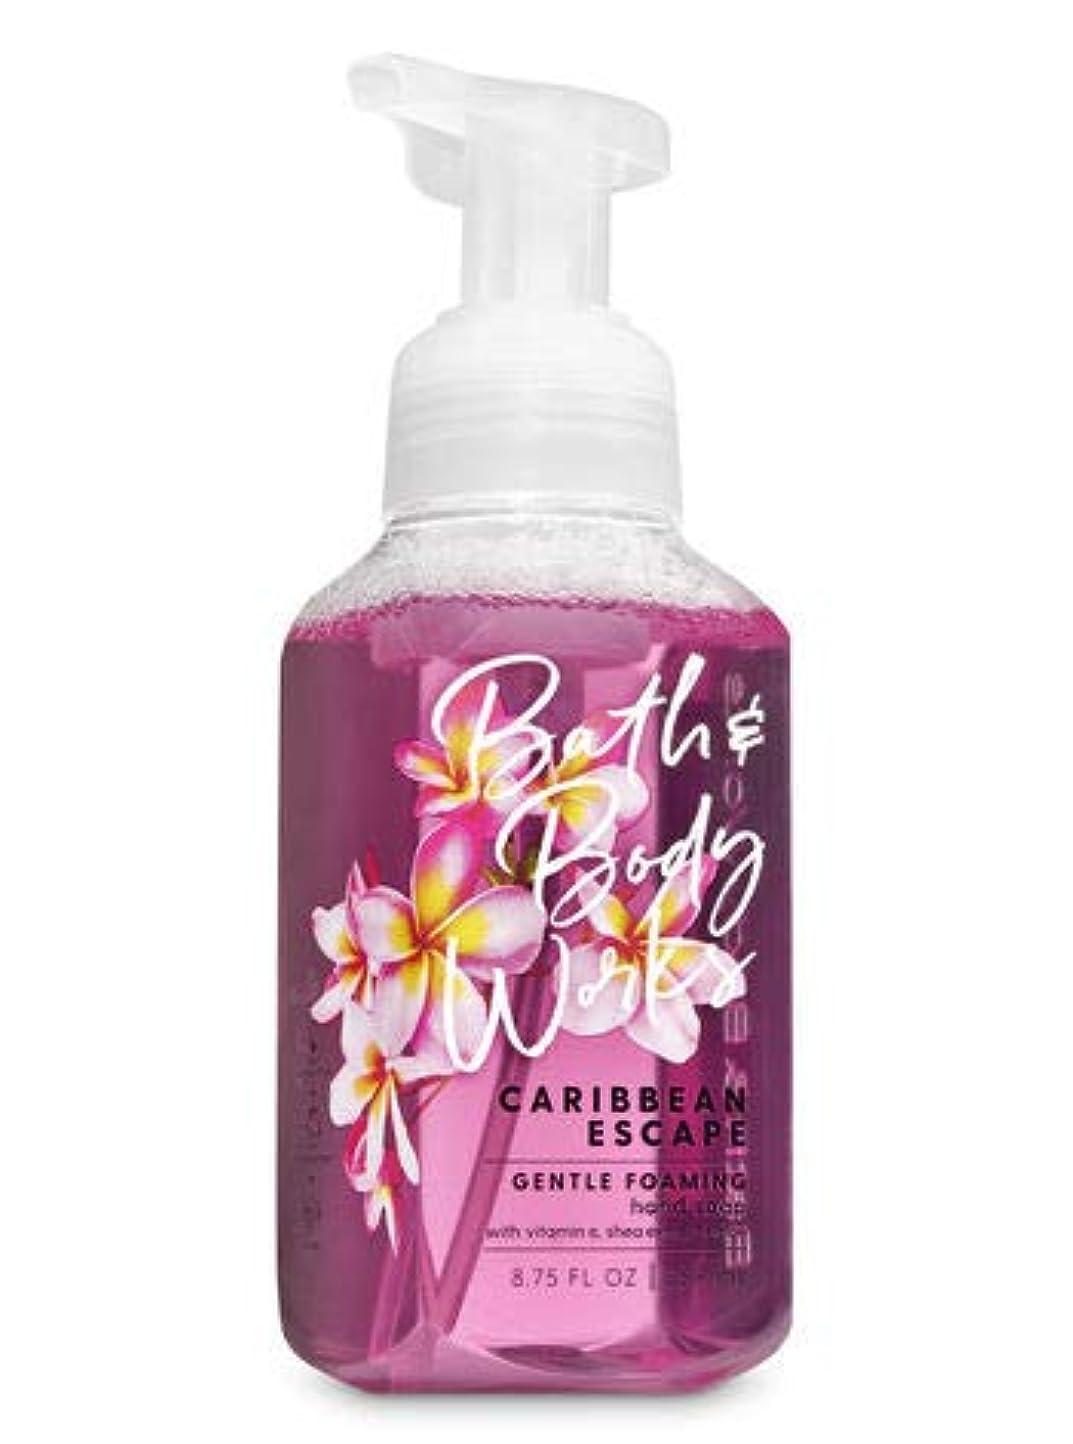 シャベルカイウス意志バス&ボディワークス カリビアン エスケープ ジェントル フォーミング ハンドソープ Caribbean Escape Gentle Foaming Hand Soap